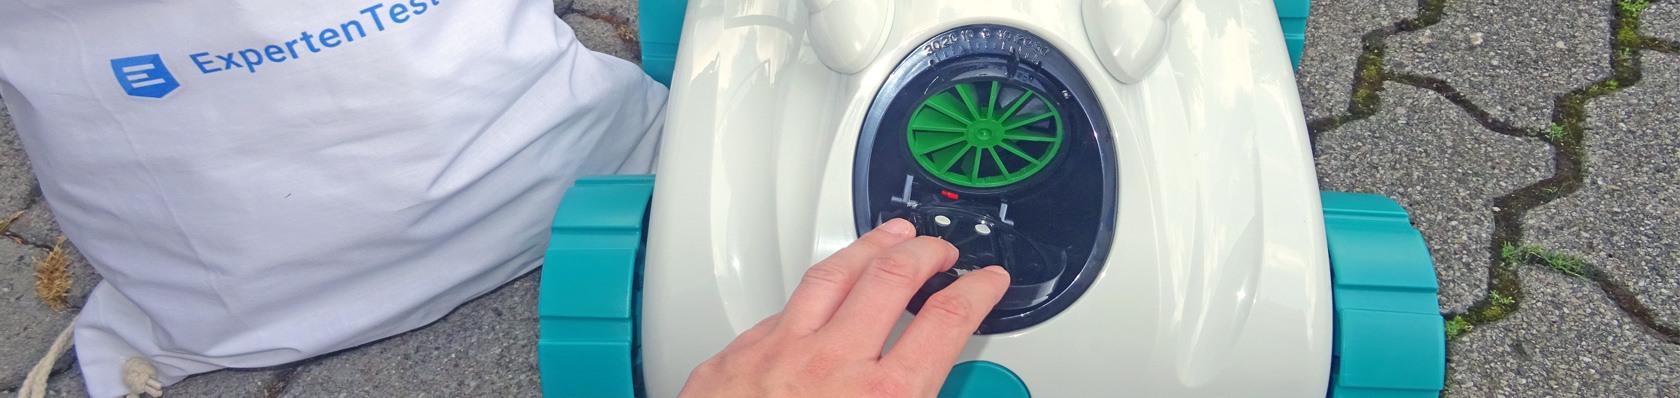 Poolroboter im Test auf ExpertenTesten.de